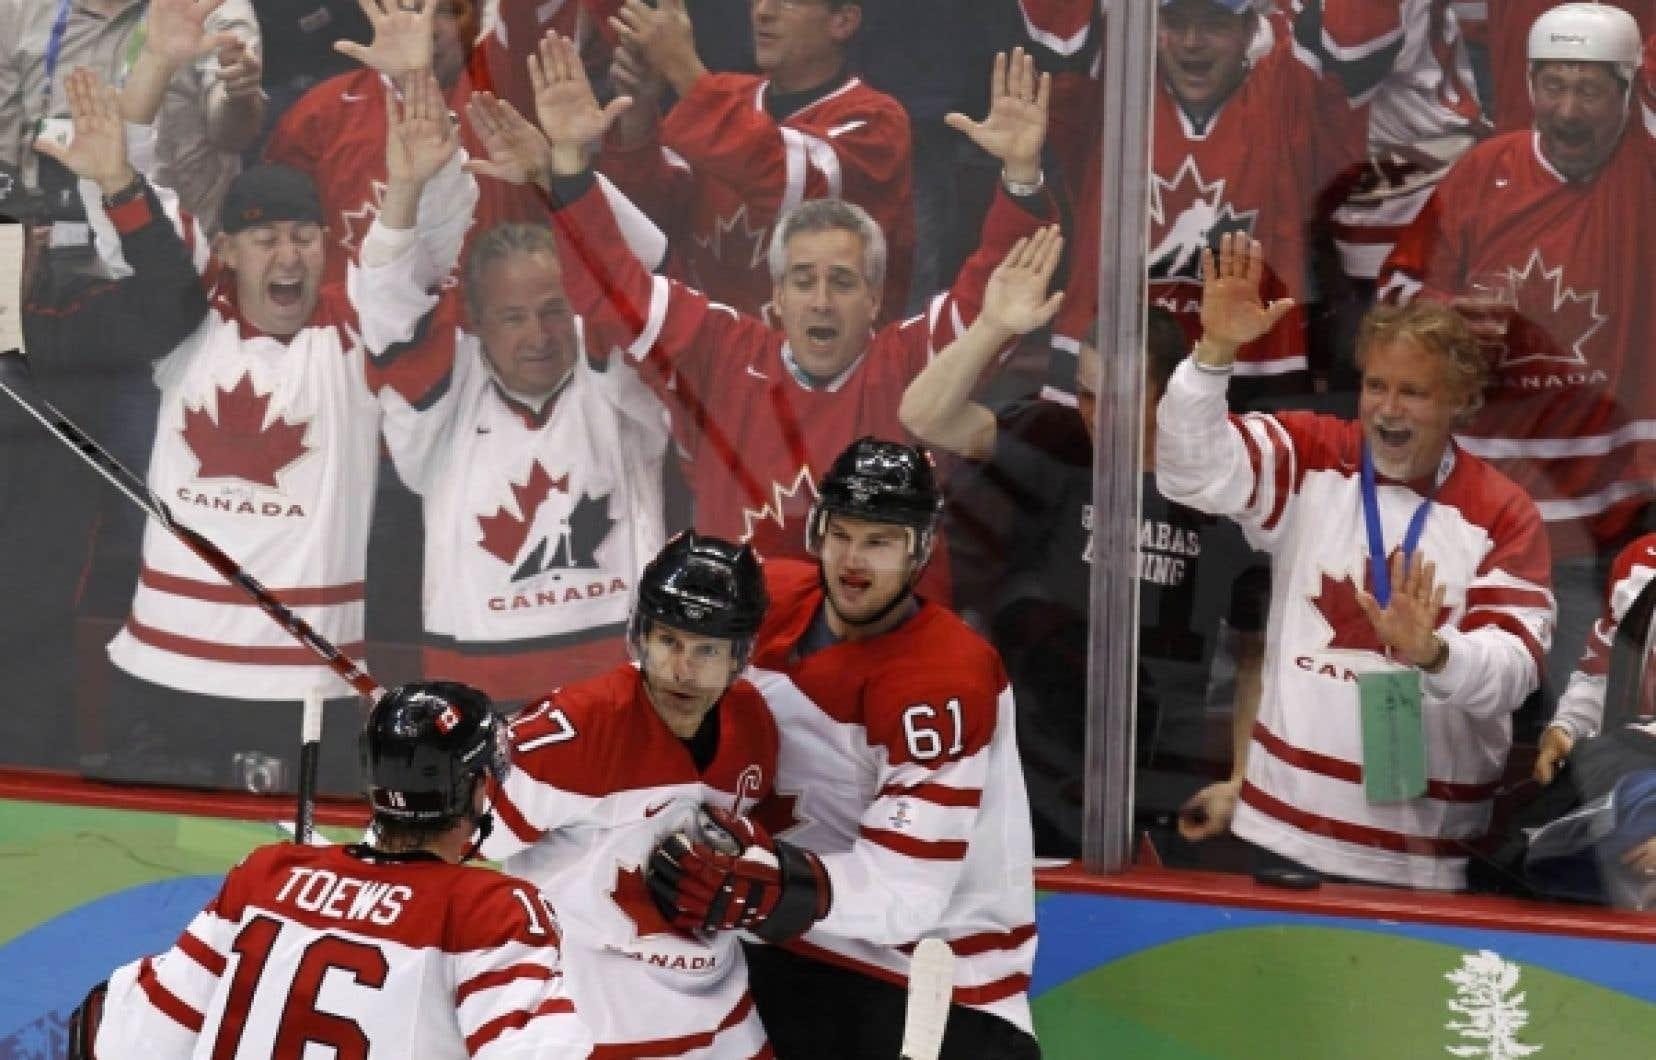 L'équipe masculine de hockey du Canada a obtenu son laissez-passer pour les demi-finales des Jeux, hier. Entouré de 18 000 spectateurs en liesse, le joueur d'avant Rick Nash célèbre le but qu'il a marqué, soit le troisième de son équipe. C'est par la marque de 7 à 3 que s'est achevé le face-à-face-choc Canada-Russie.